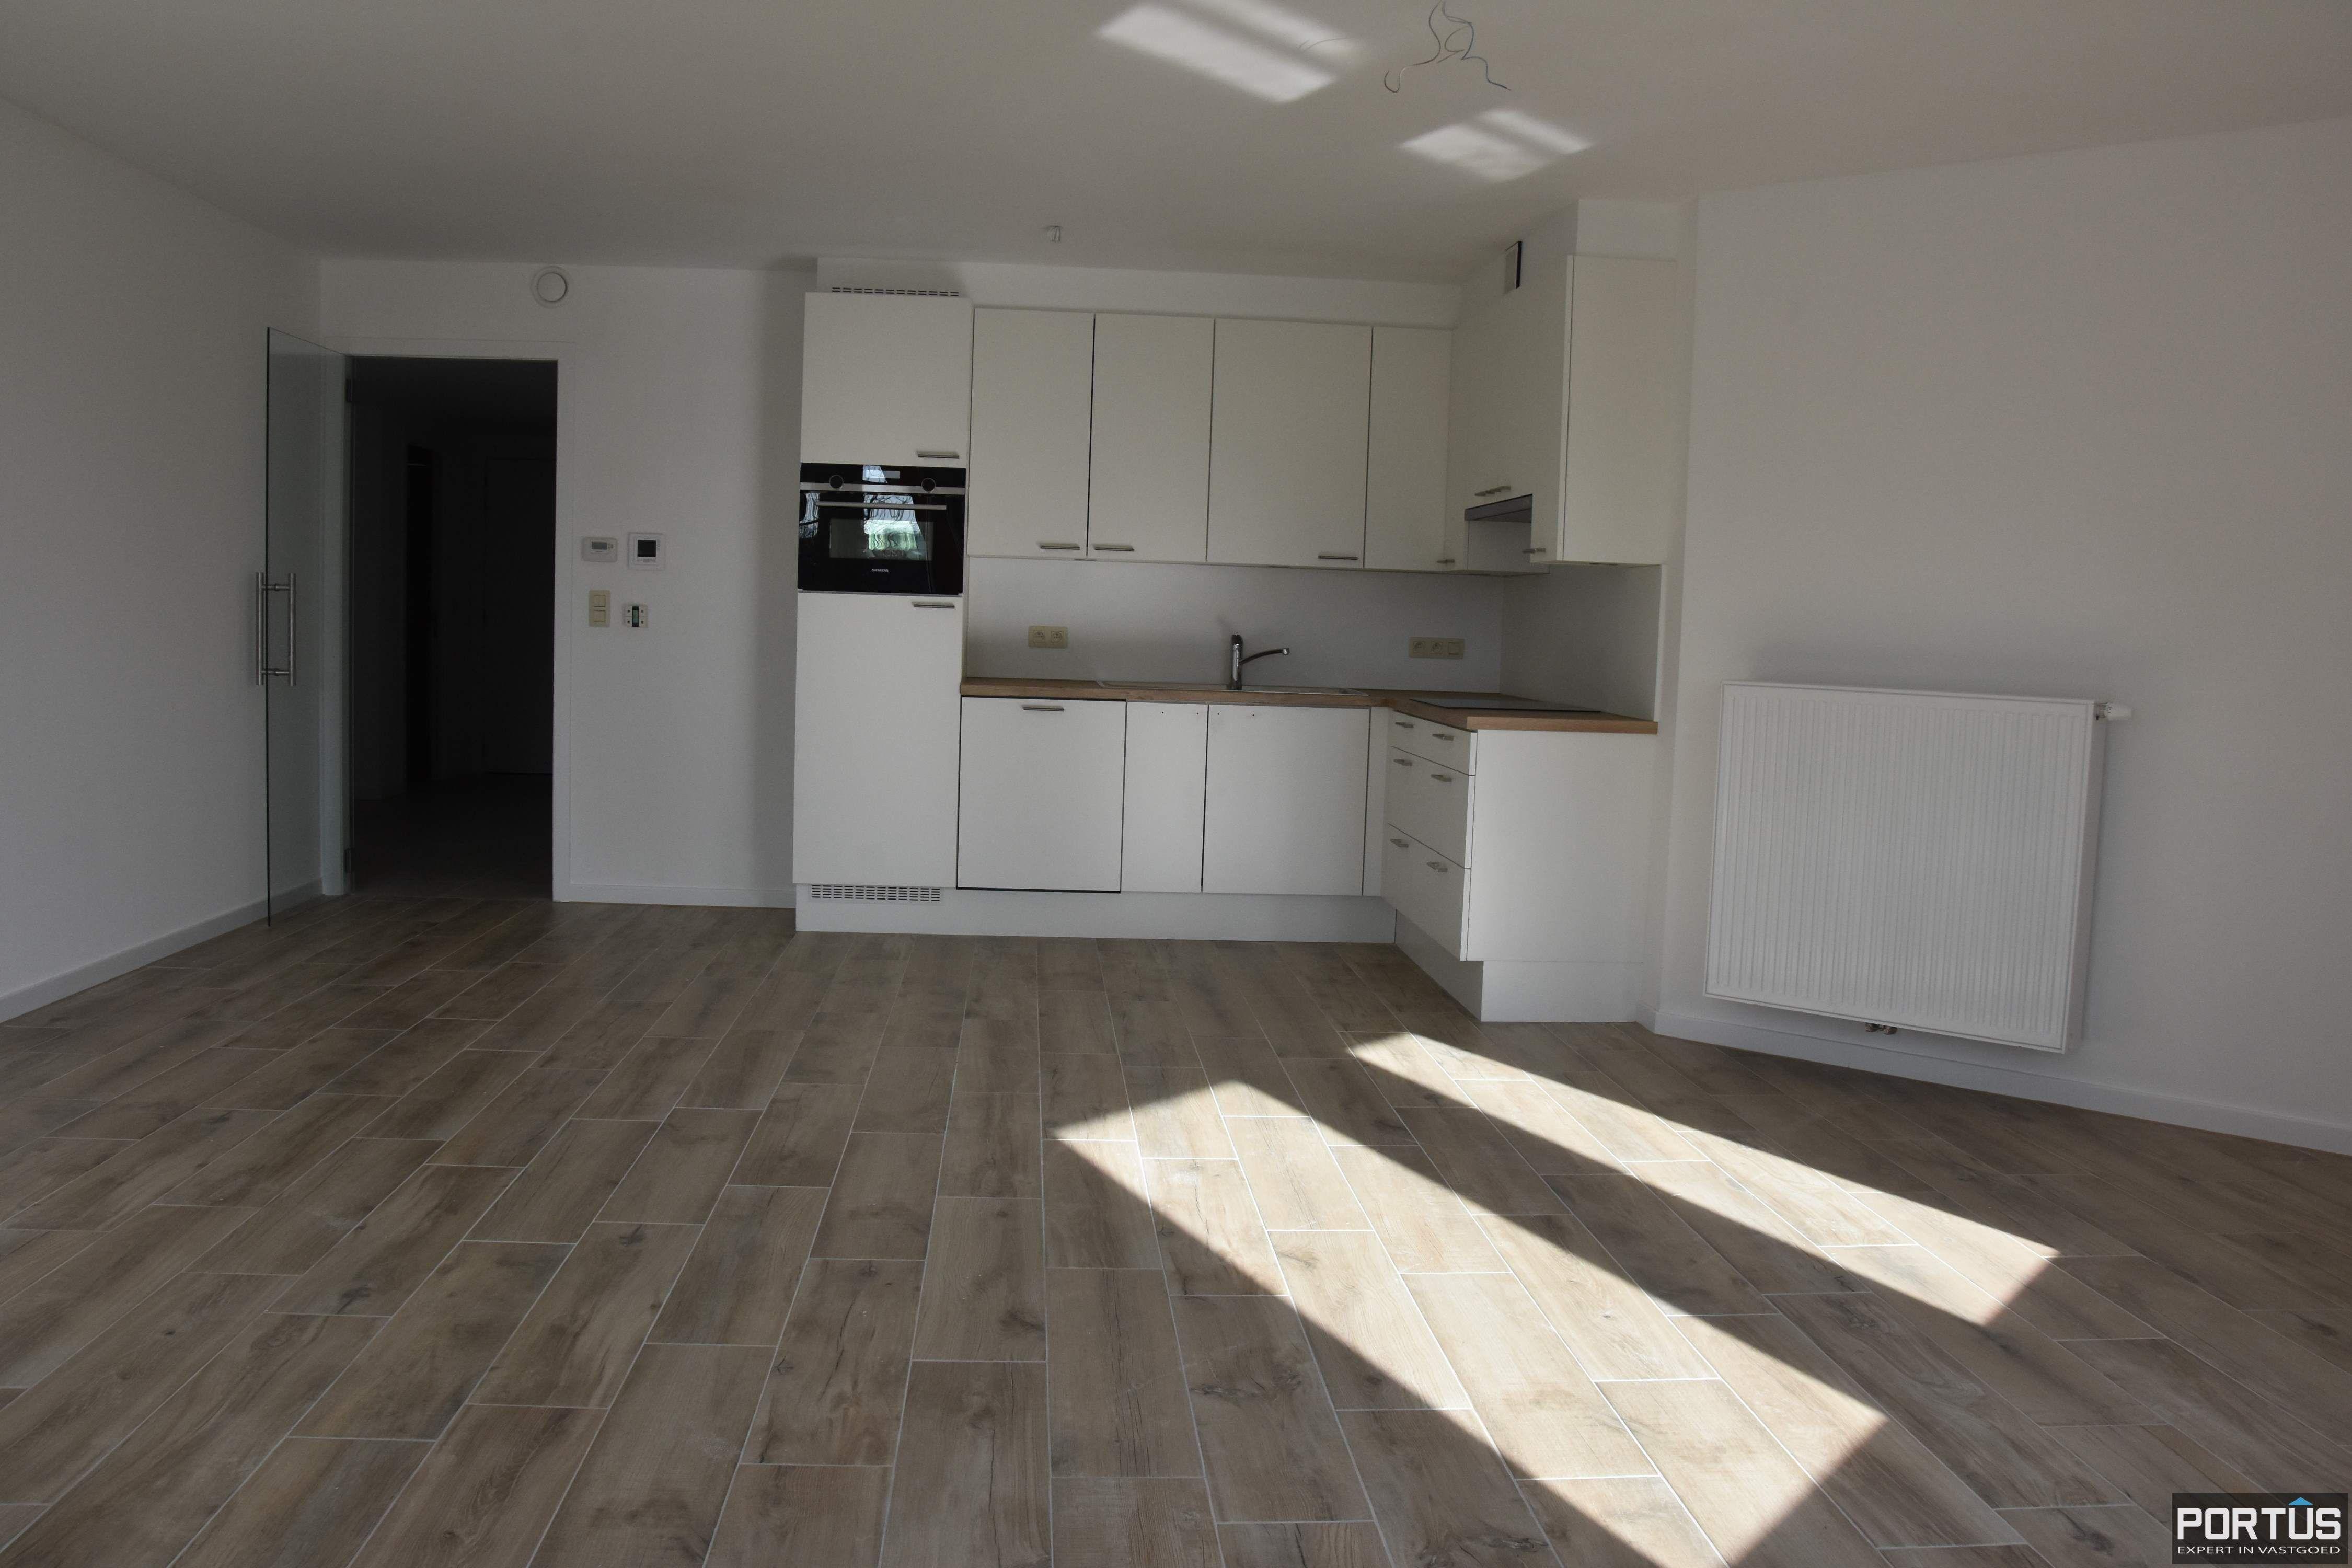 Appartement Residentie Villa Crombez Nieuwpoort - 9303